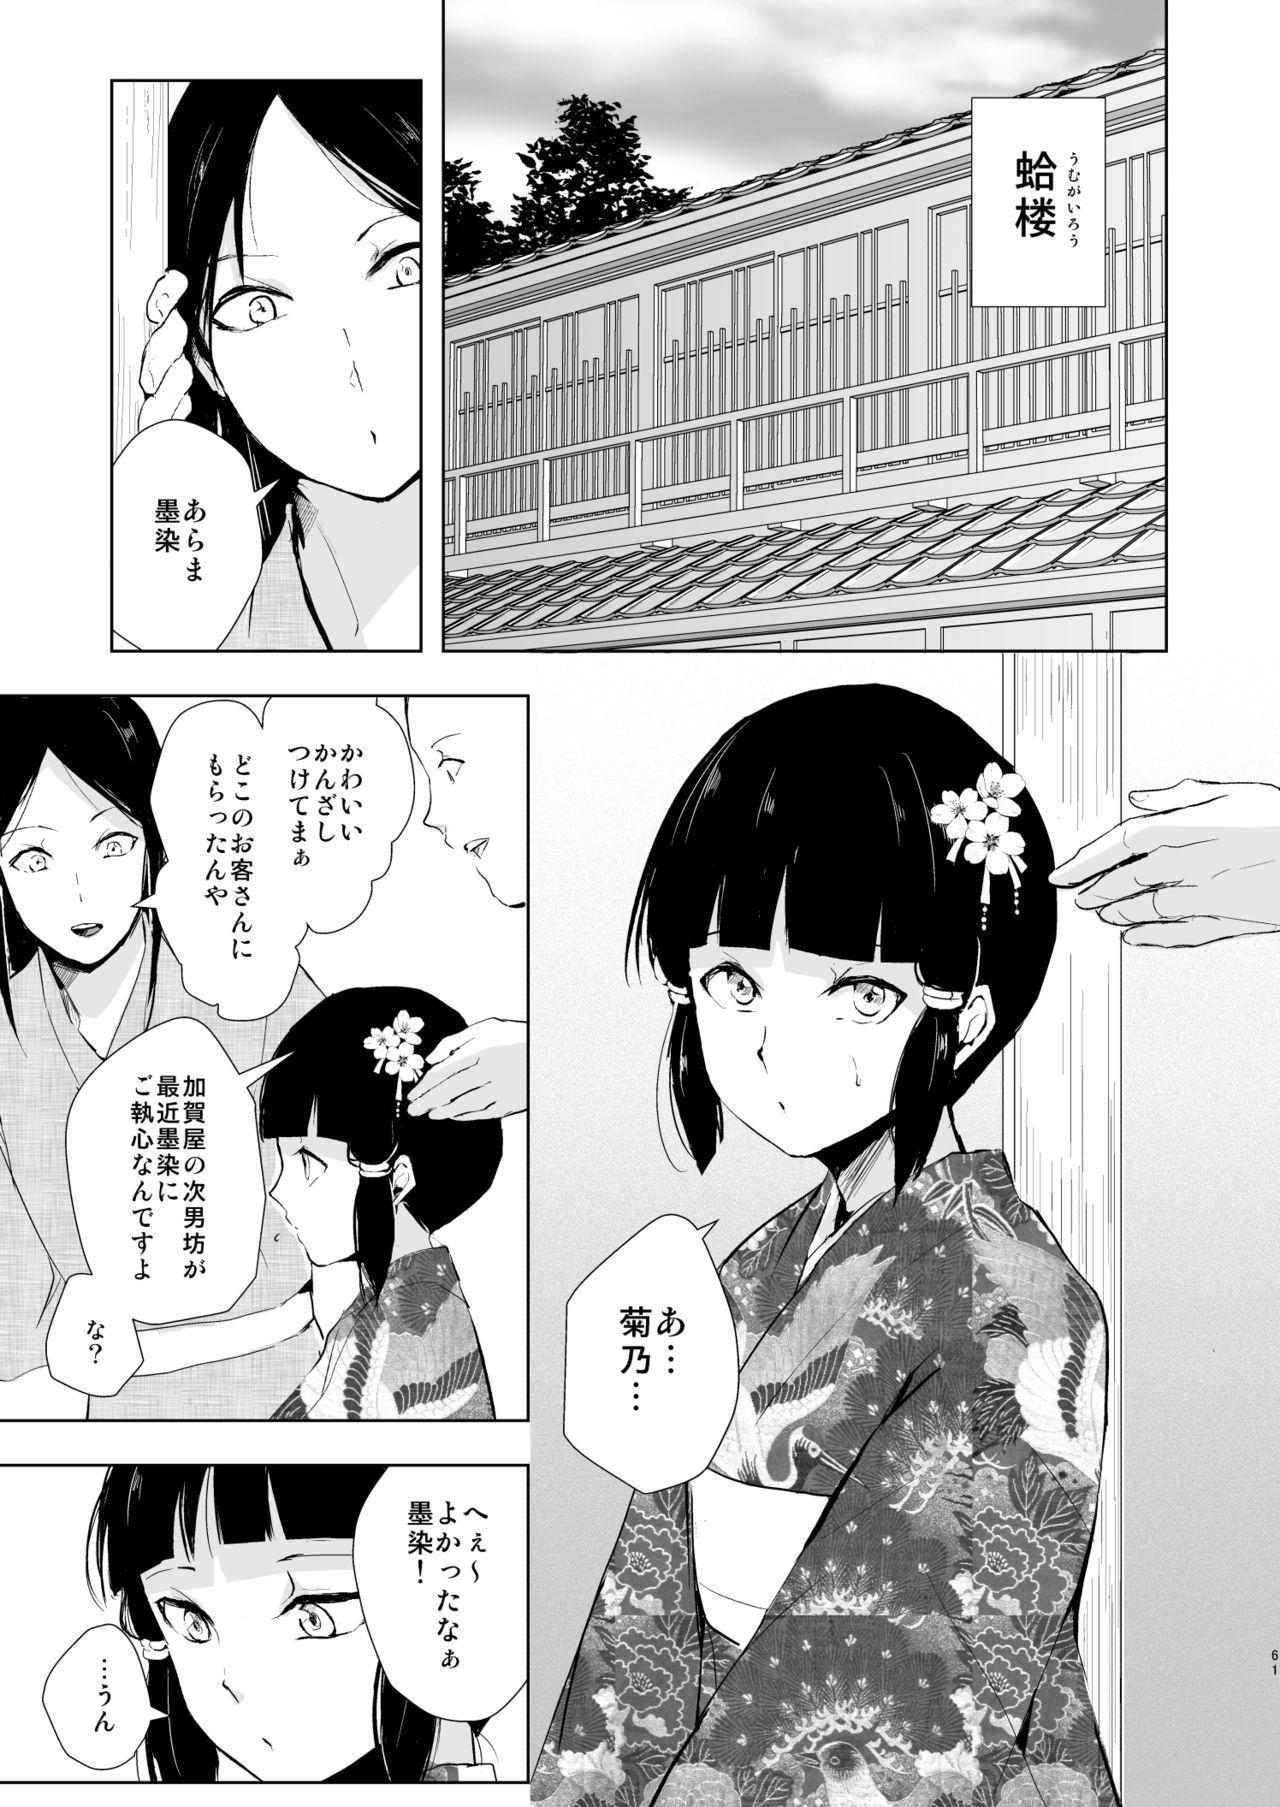 Umugairou Sairokubon 2 61